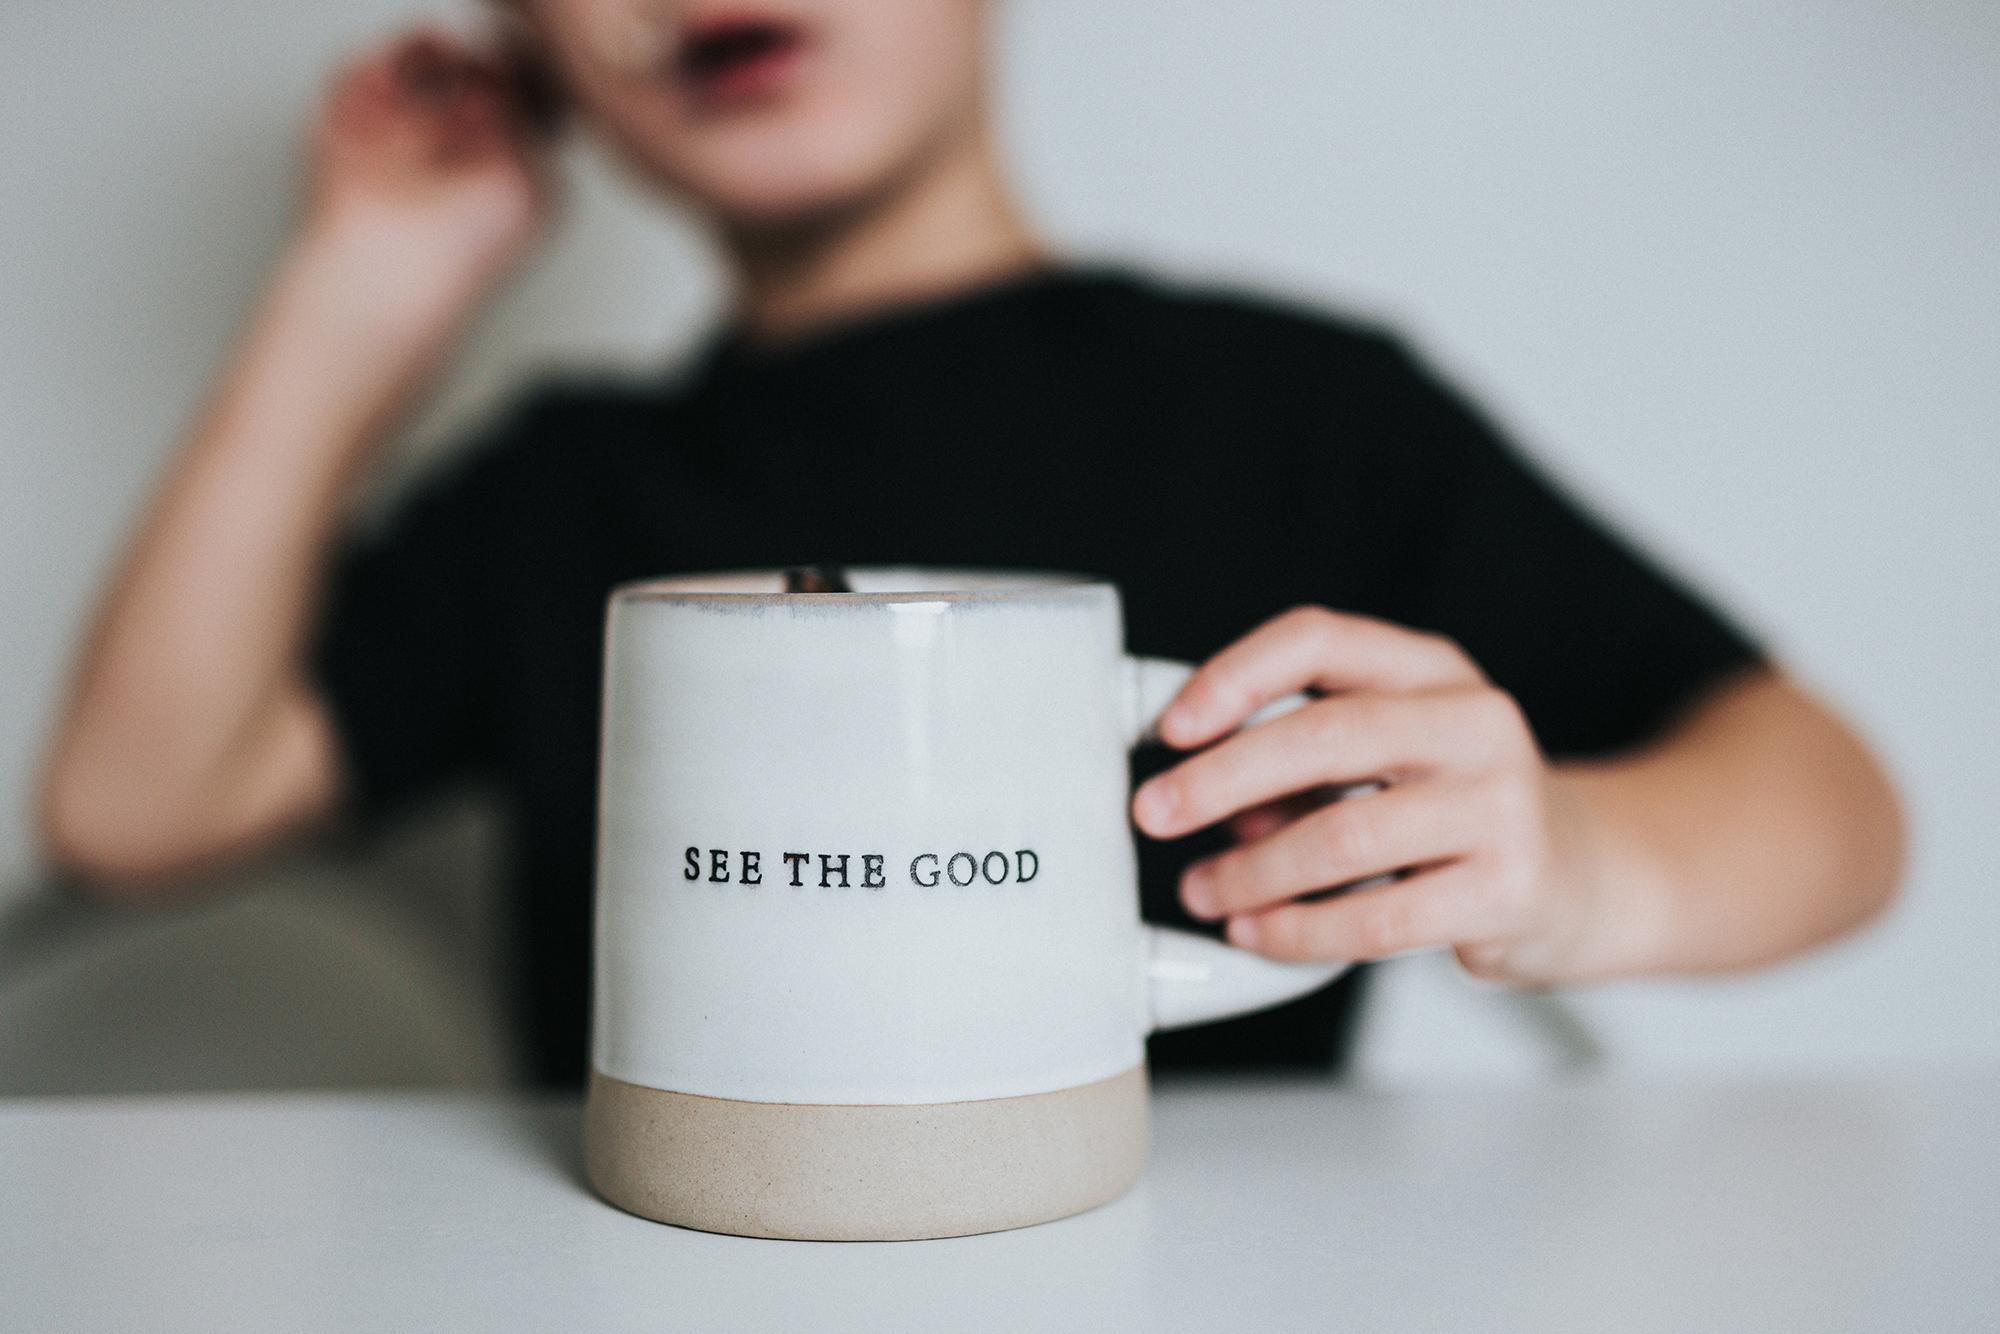 Pourquoi être optimiste favorise le bonheur?